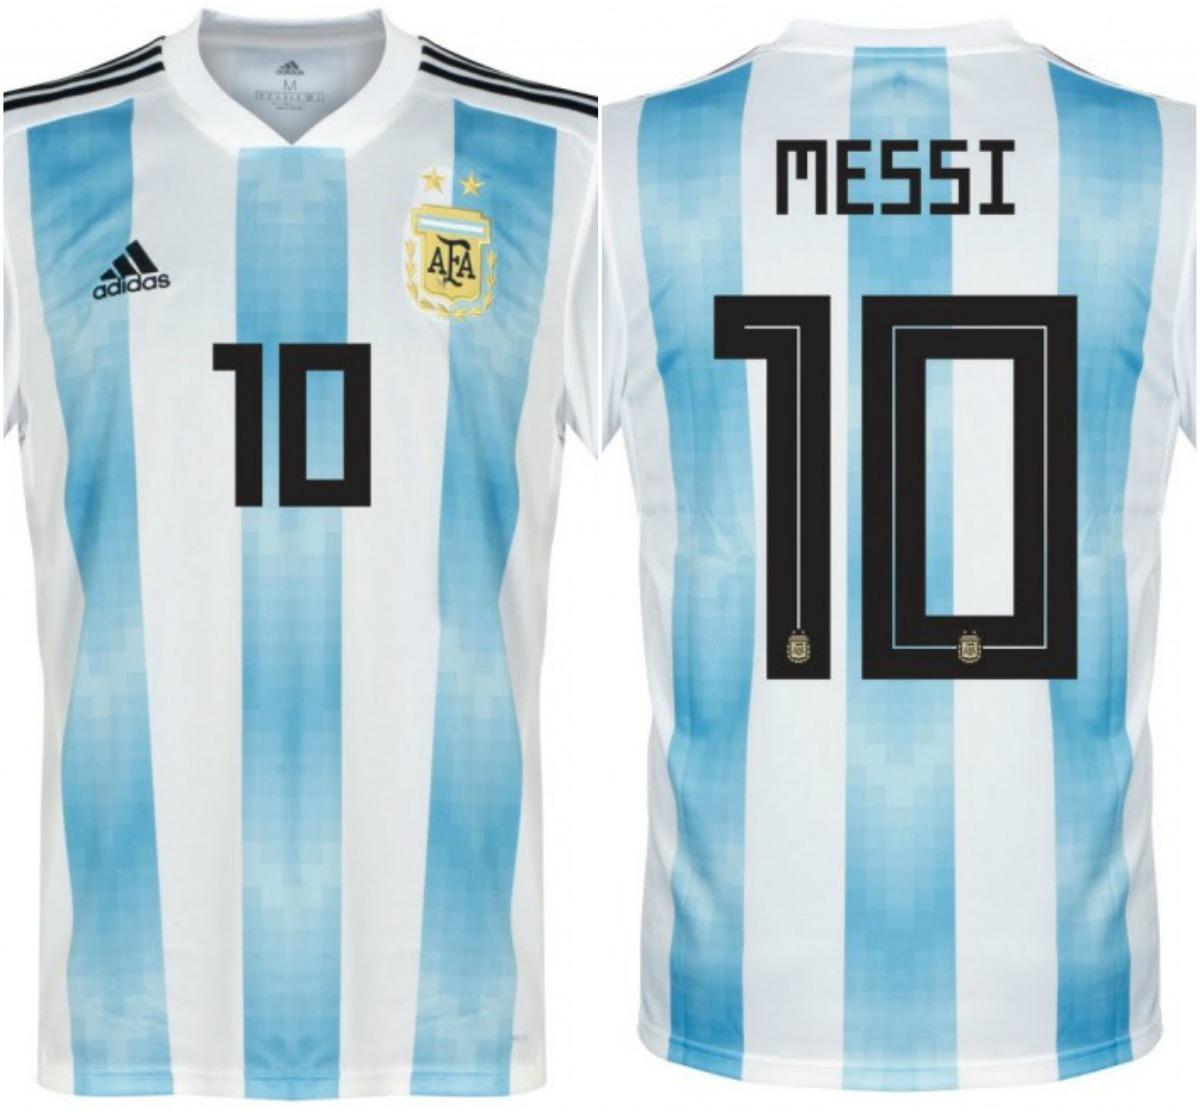 40dc88310d camiseta argentina oficial rusia 2018 adidas climalite messi. Cargando zoom.